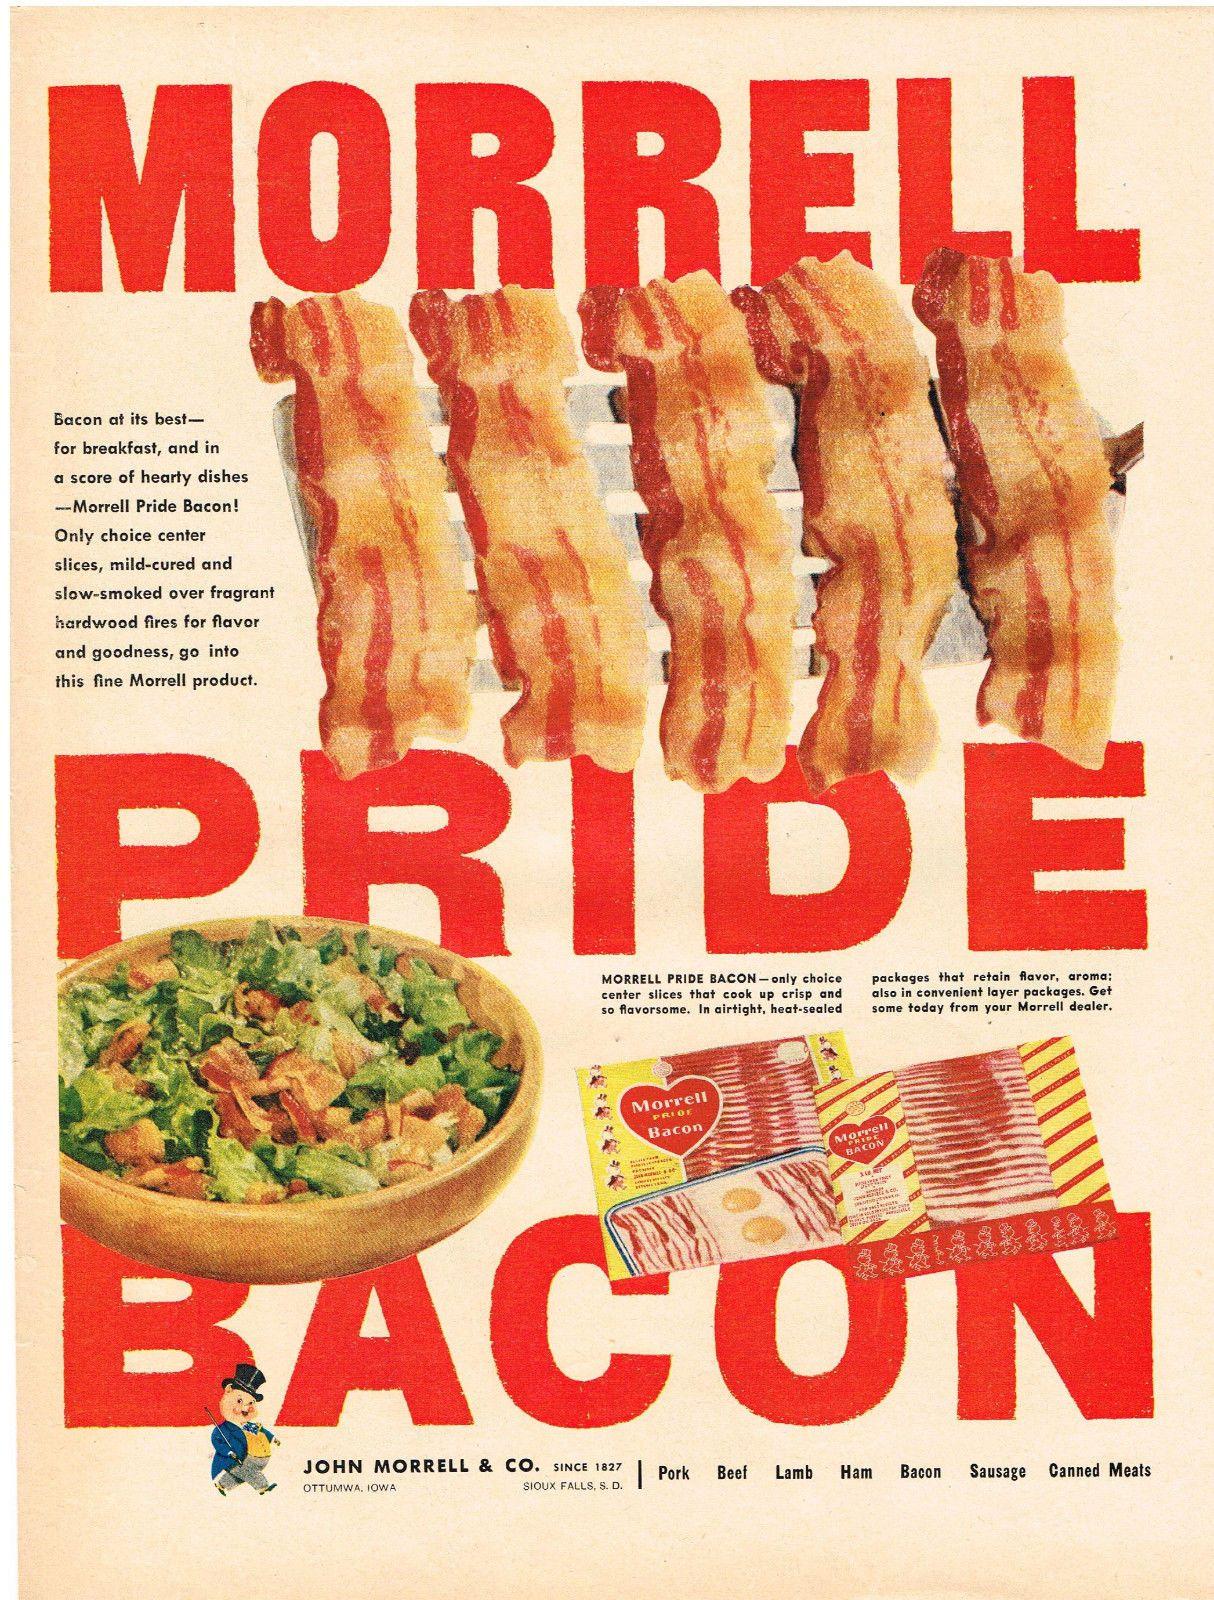 Morrell Pride Bacon, 1953